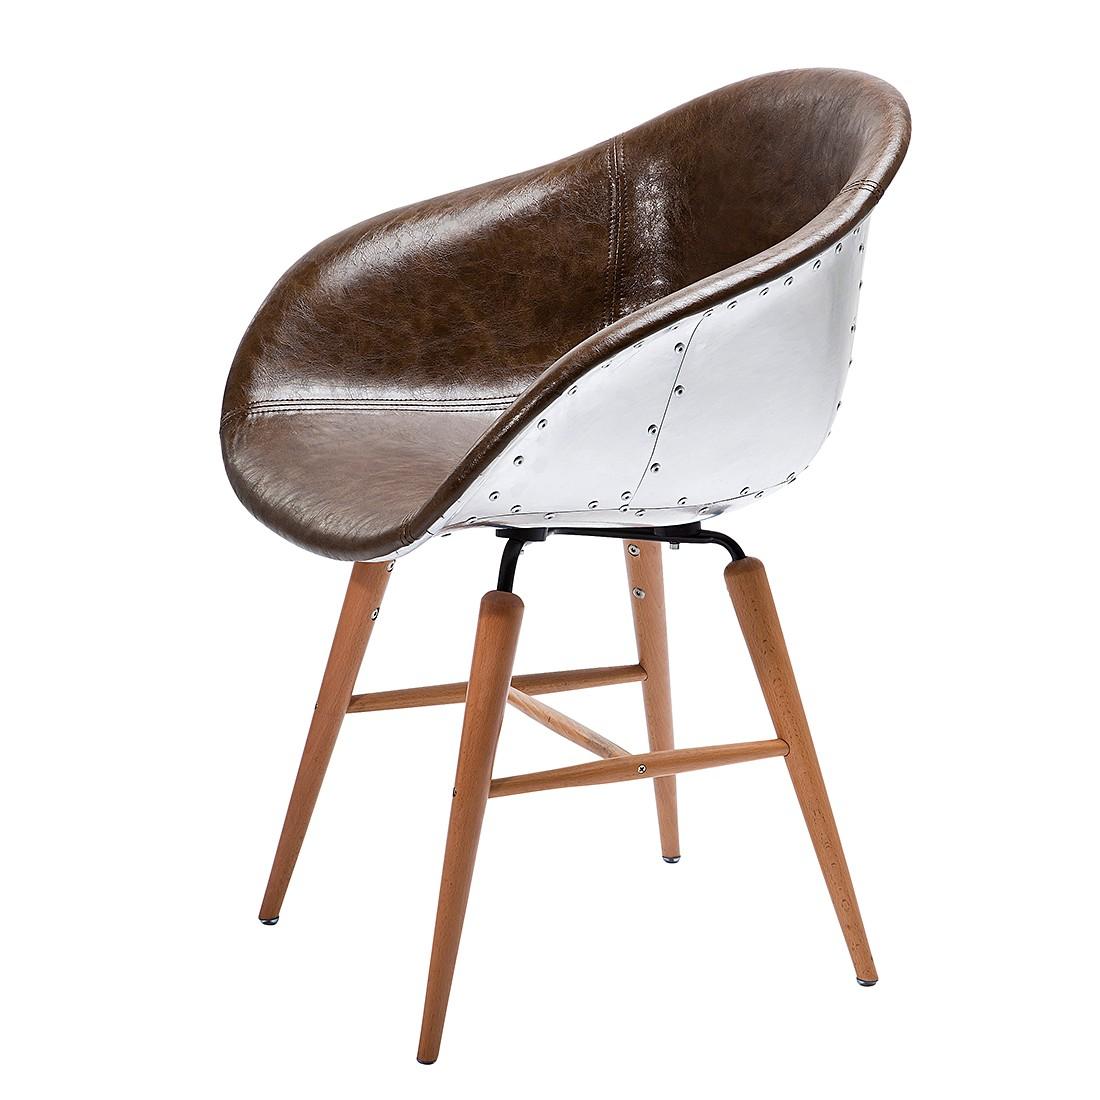 Kare design stuhl preis vergleich 2016 for Stuhl design bilder